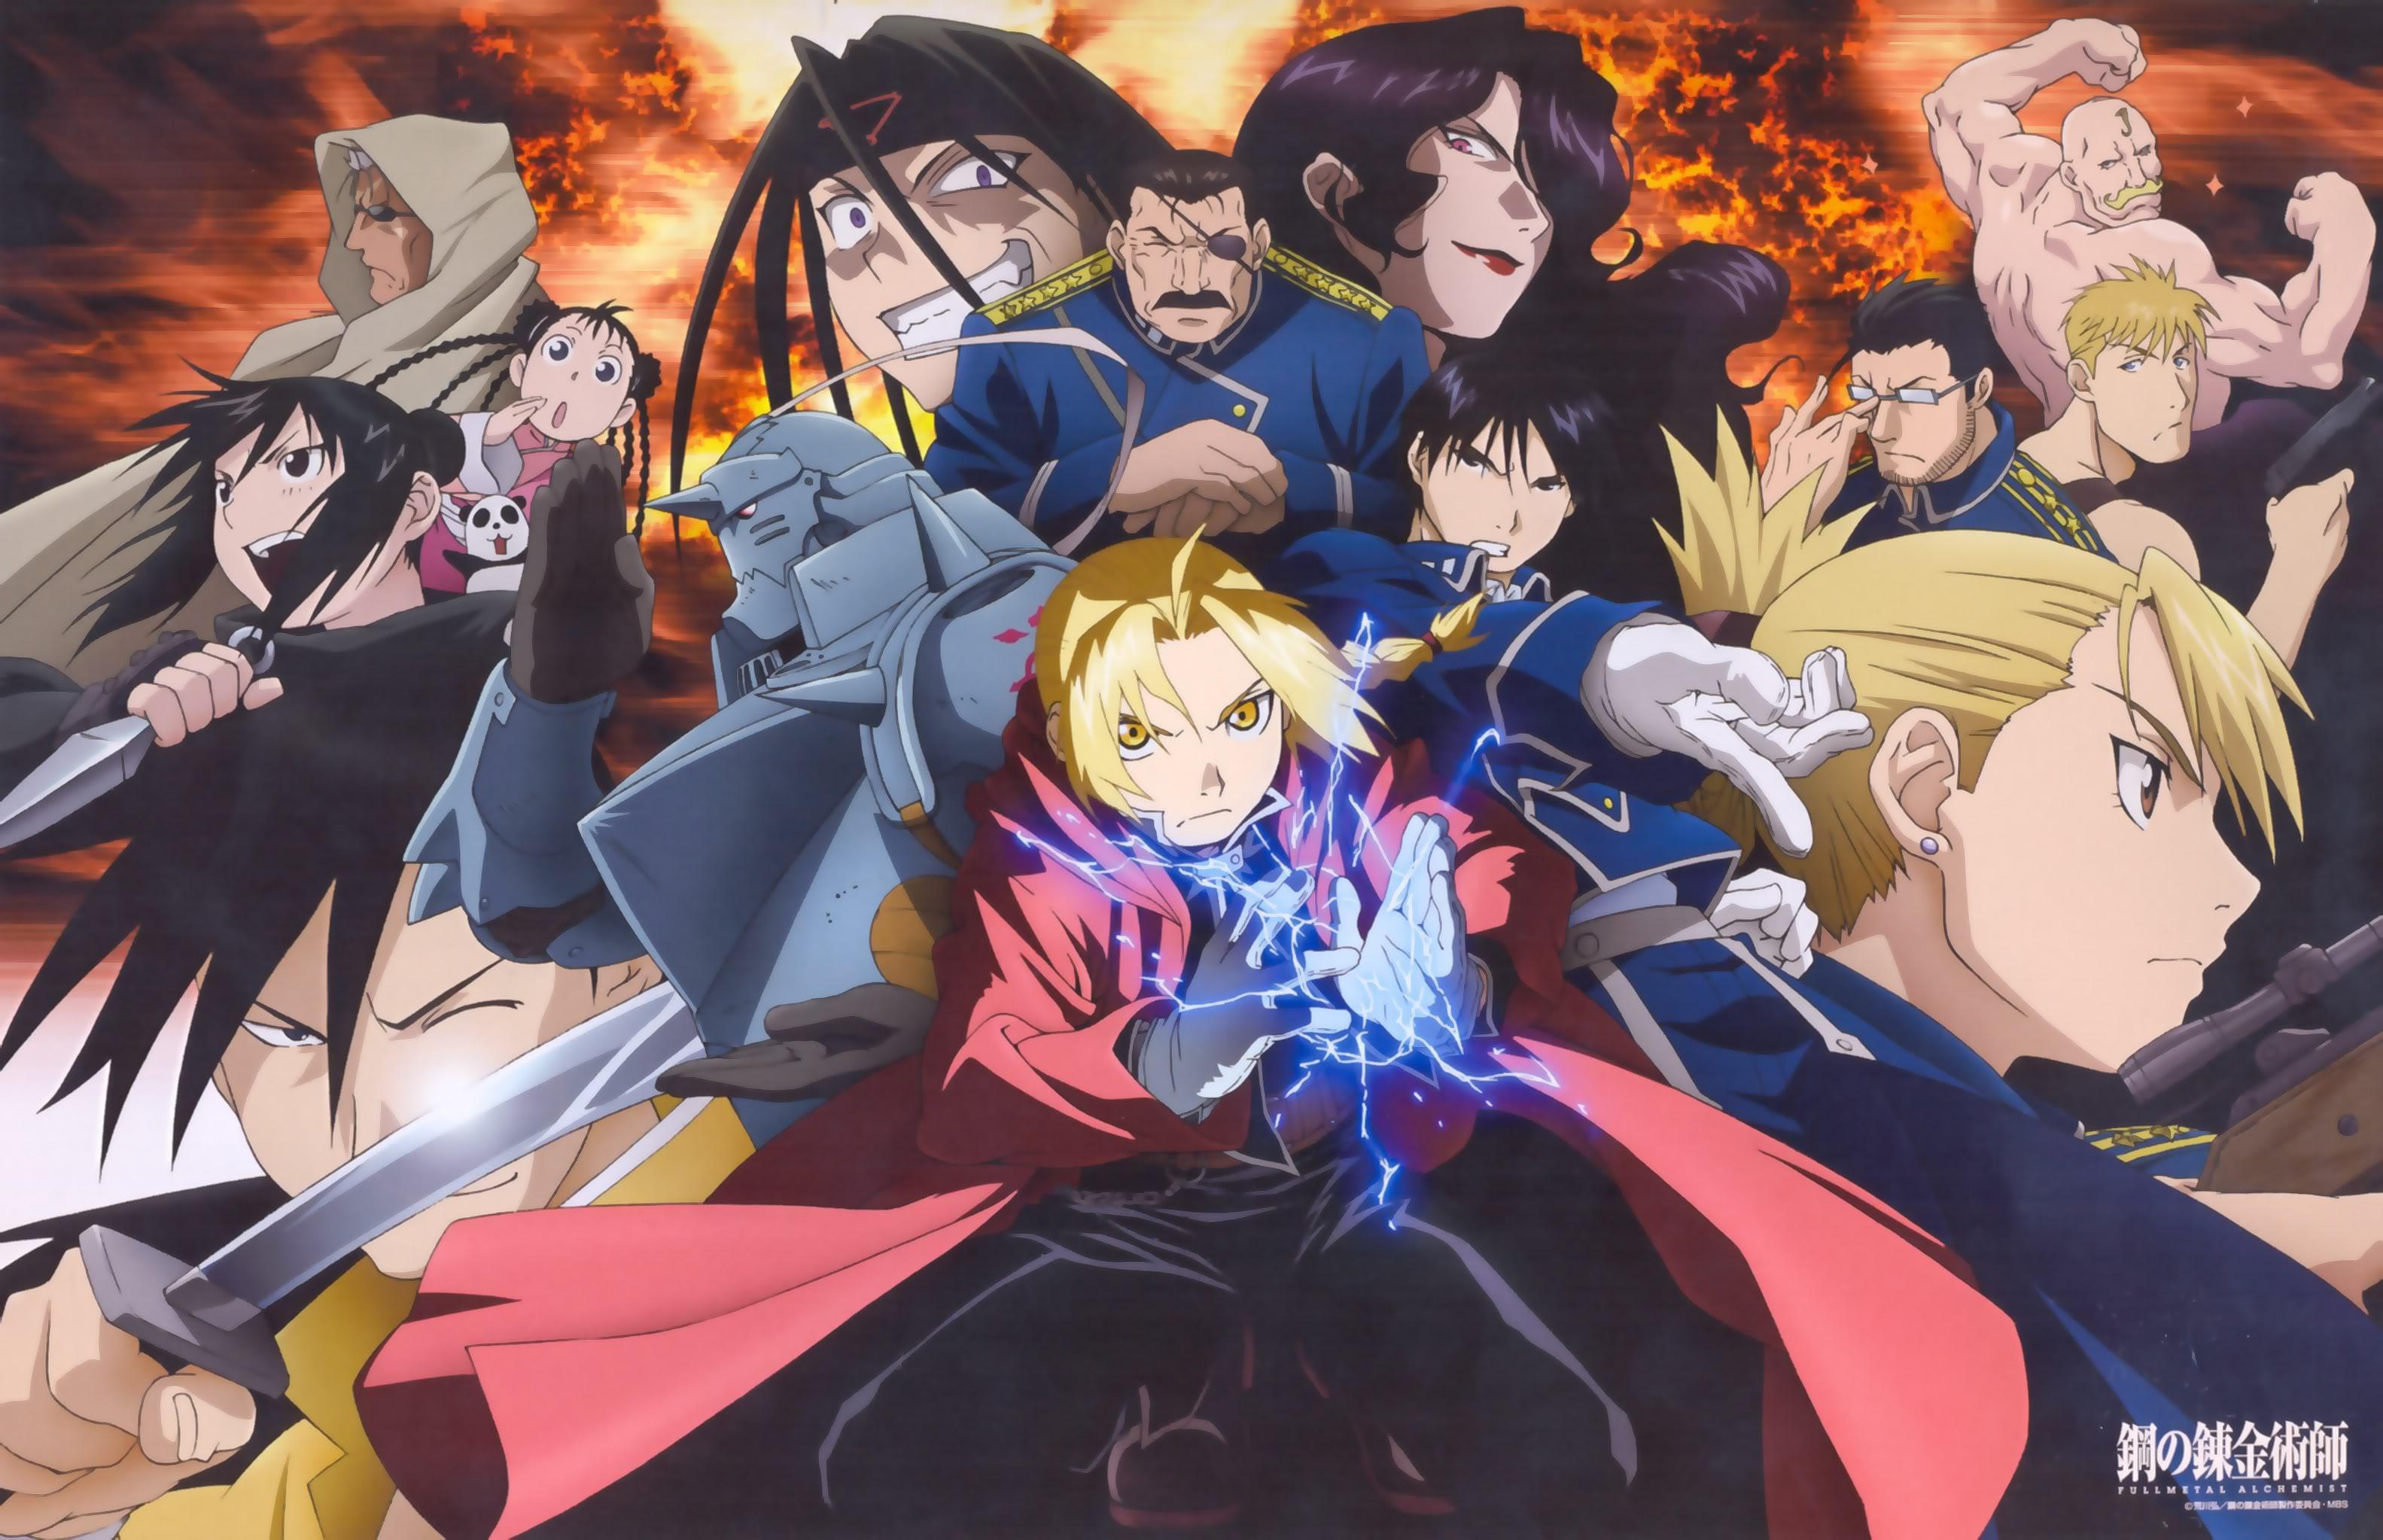 Fullmetal Alchemist (2003) VS. Brotherhood